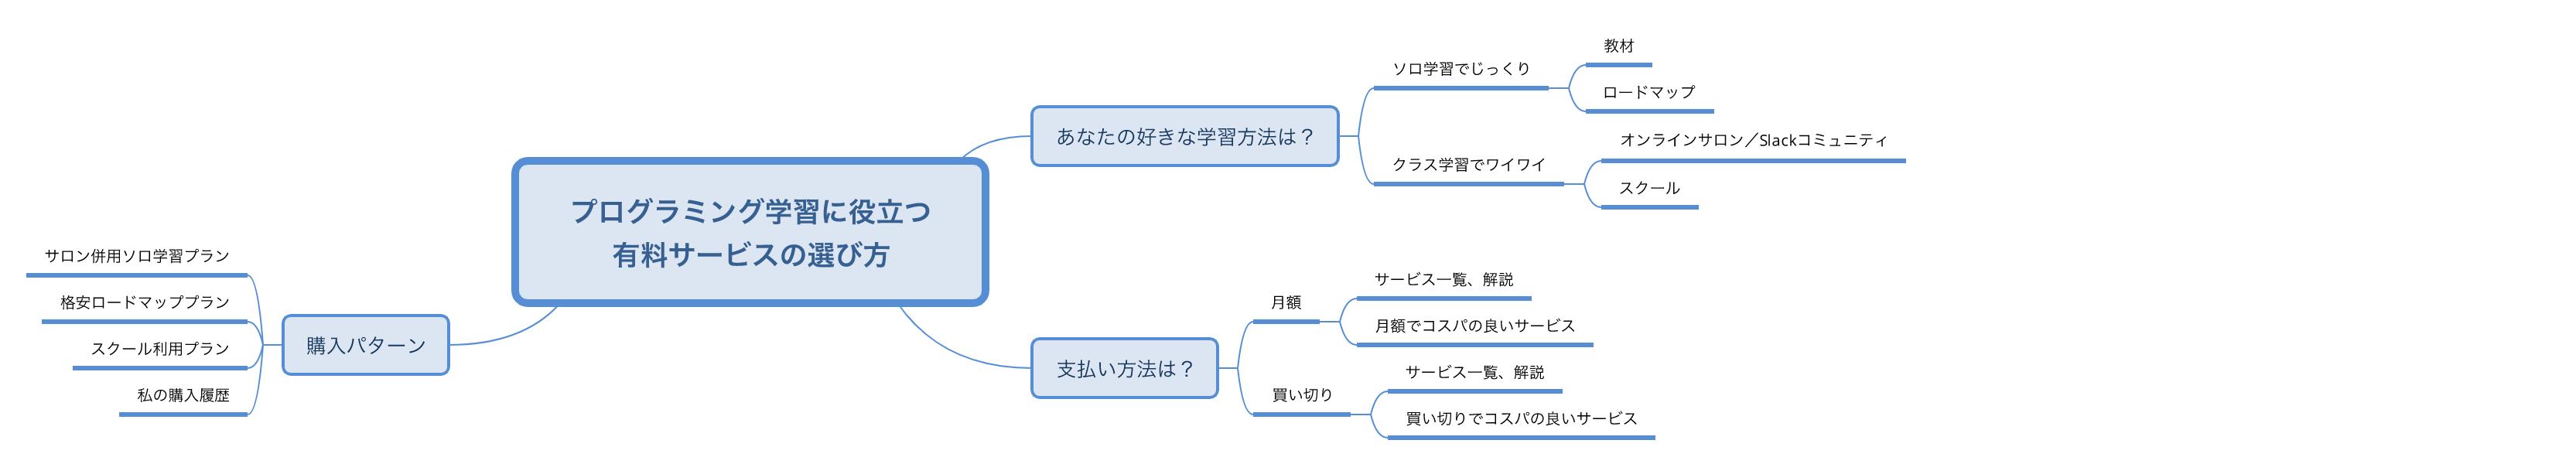 プログラミング学習用有料サービスのマインドマップです